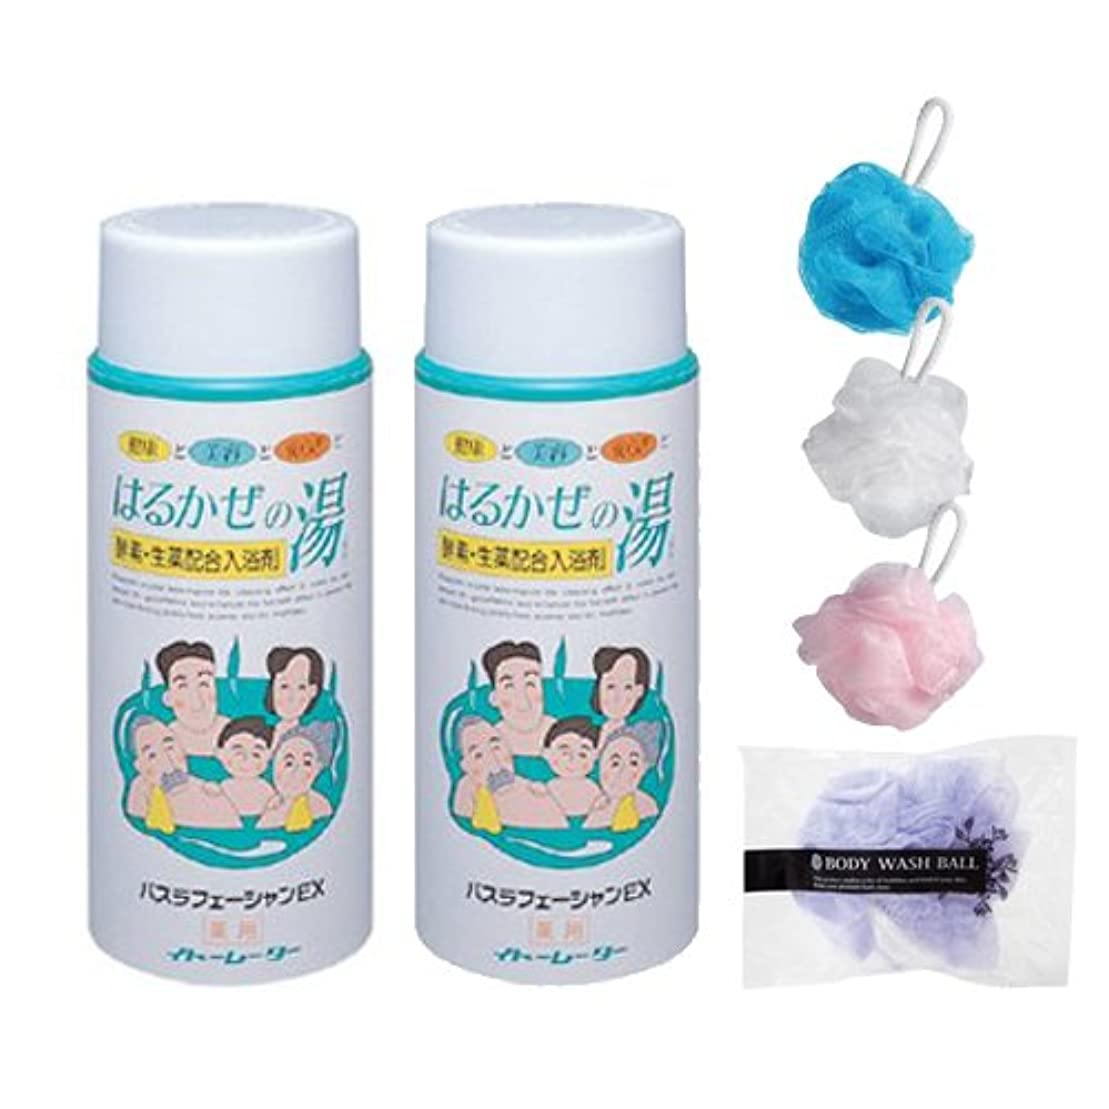 創始者アレルギー性すべき【酵素?生薬配合入浴剤】 はるかぜの湯 (2本) + ボディウォッシュボール 1個(カラーは当店おまかせ)